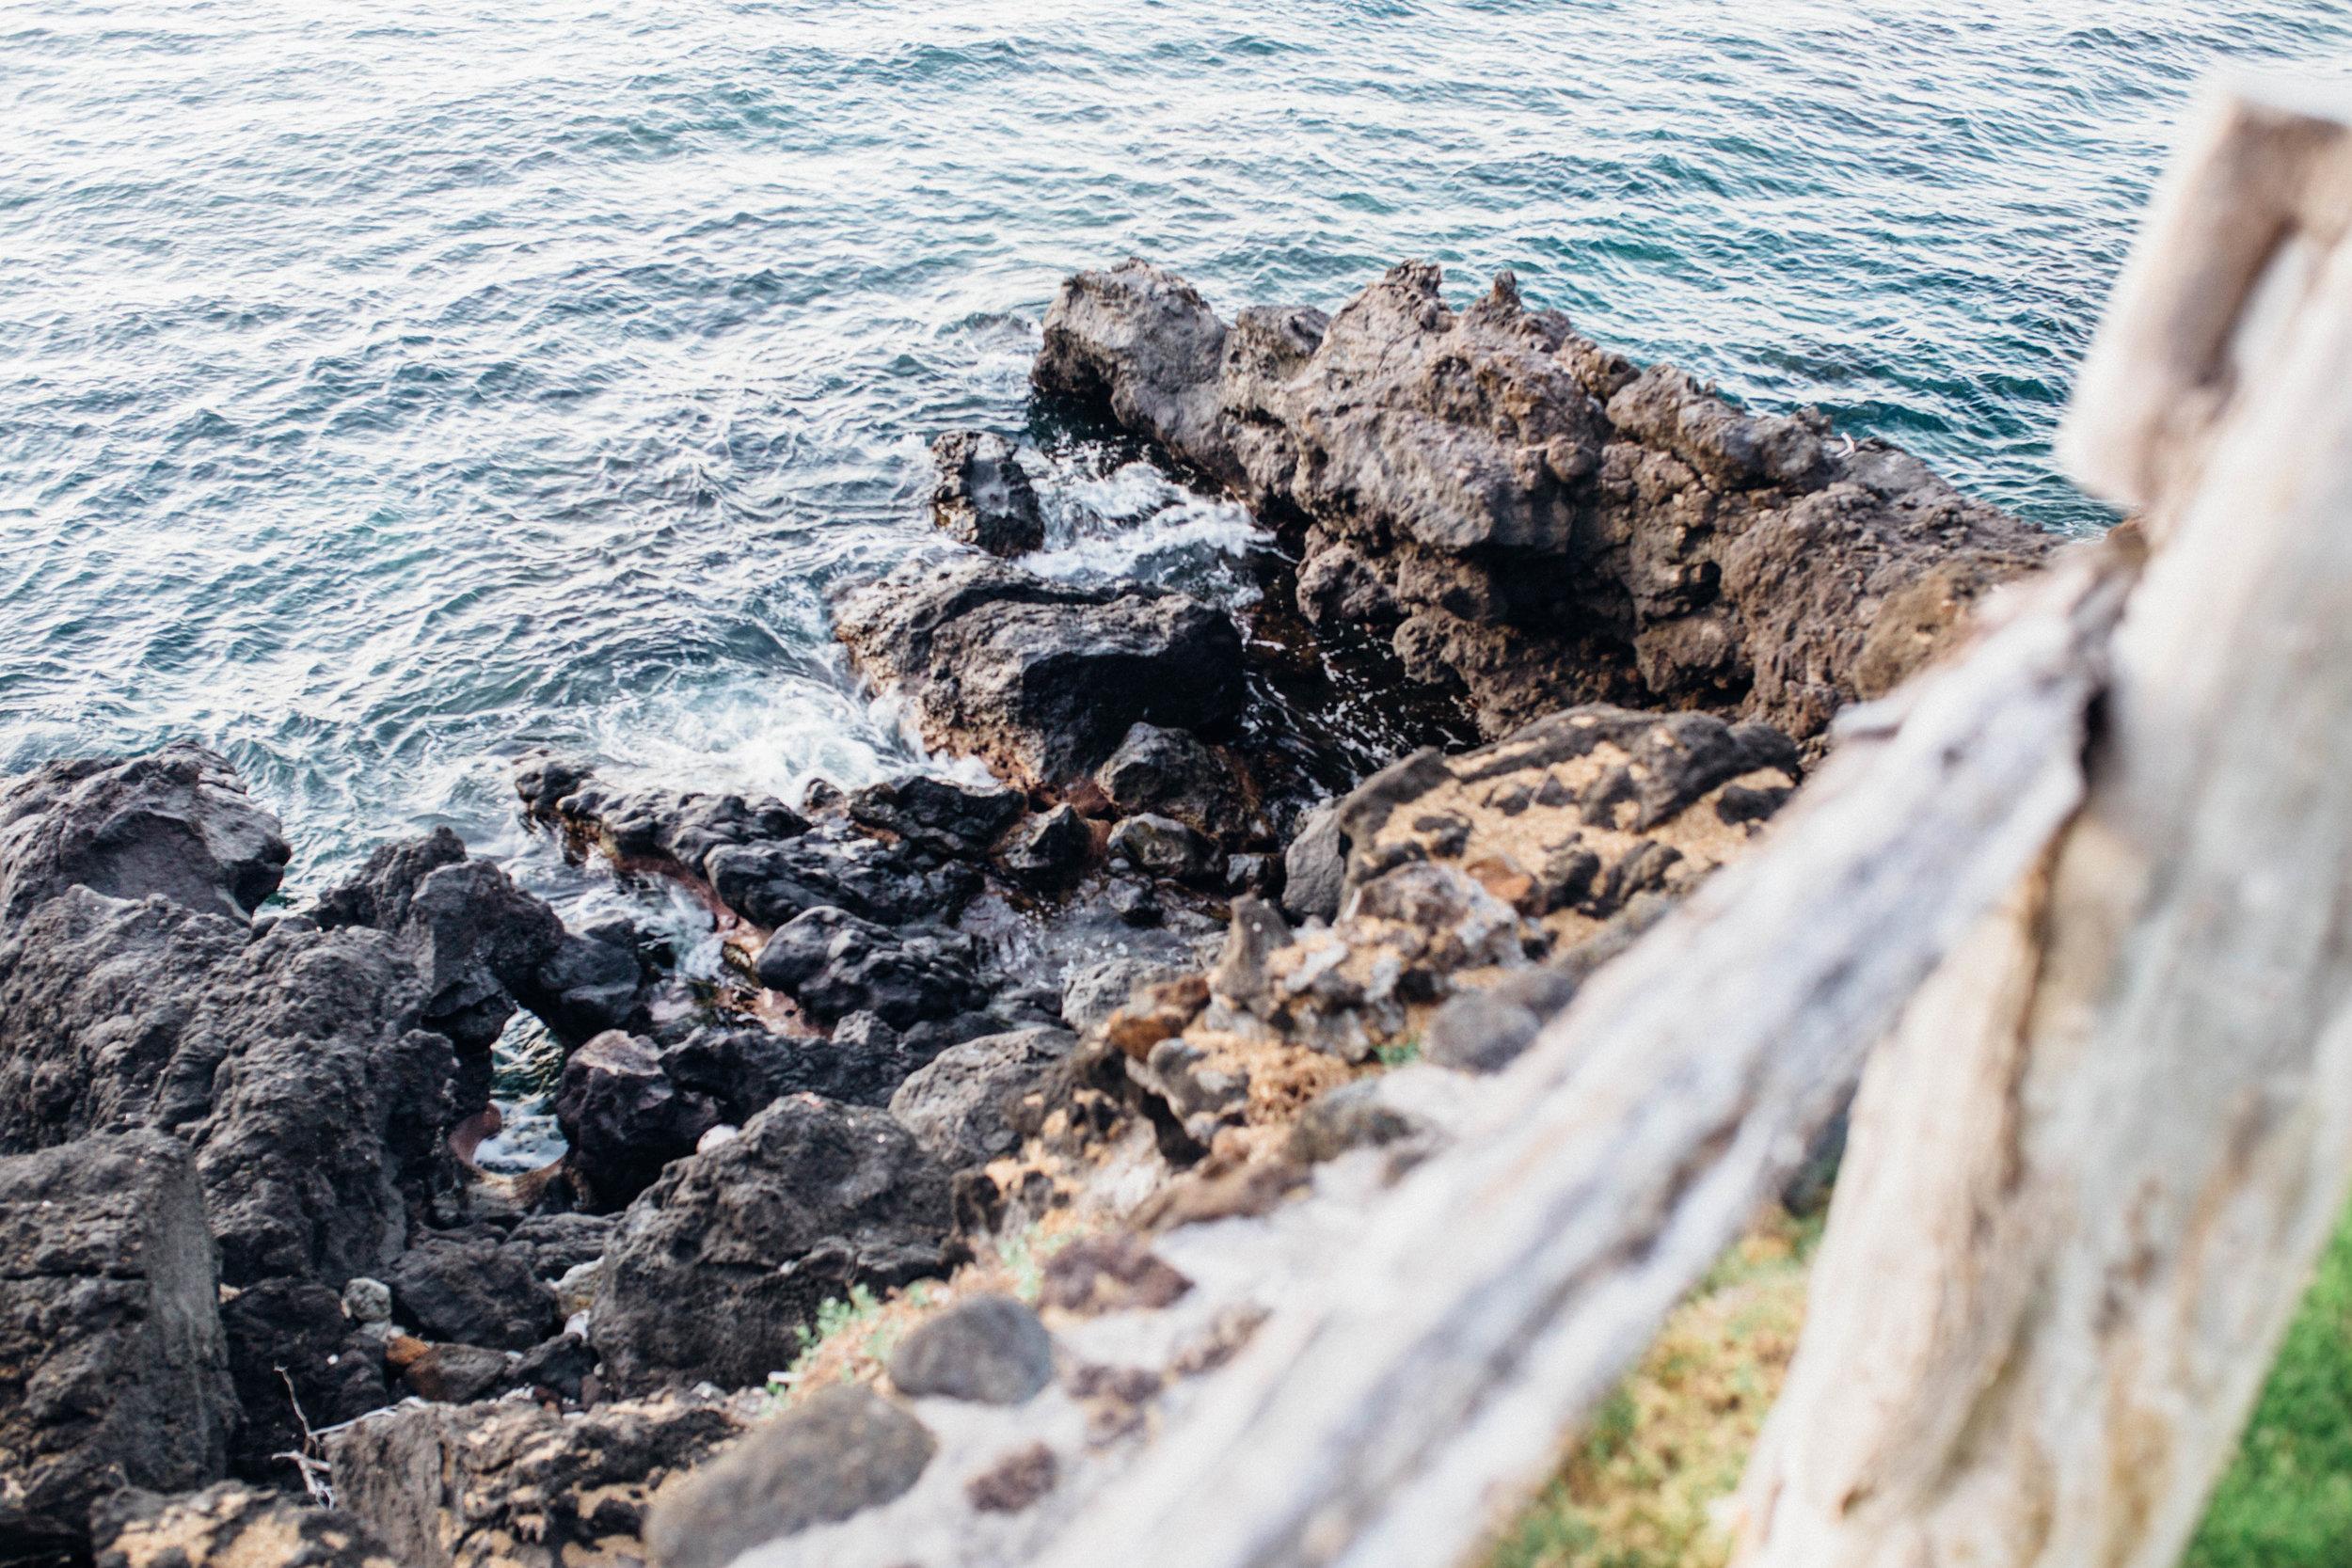 MaunaKea_Sept2016-7-2.jpg